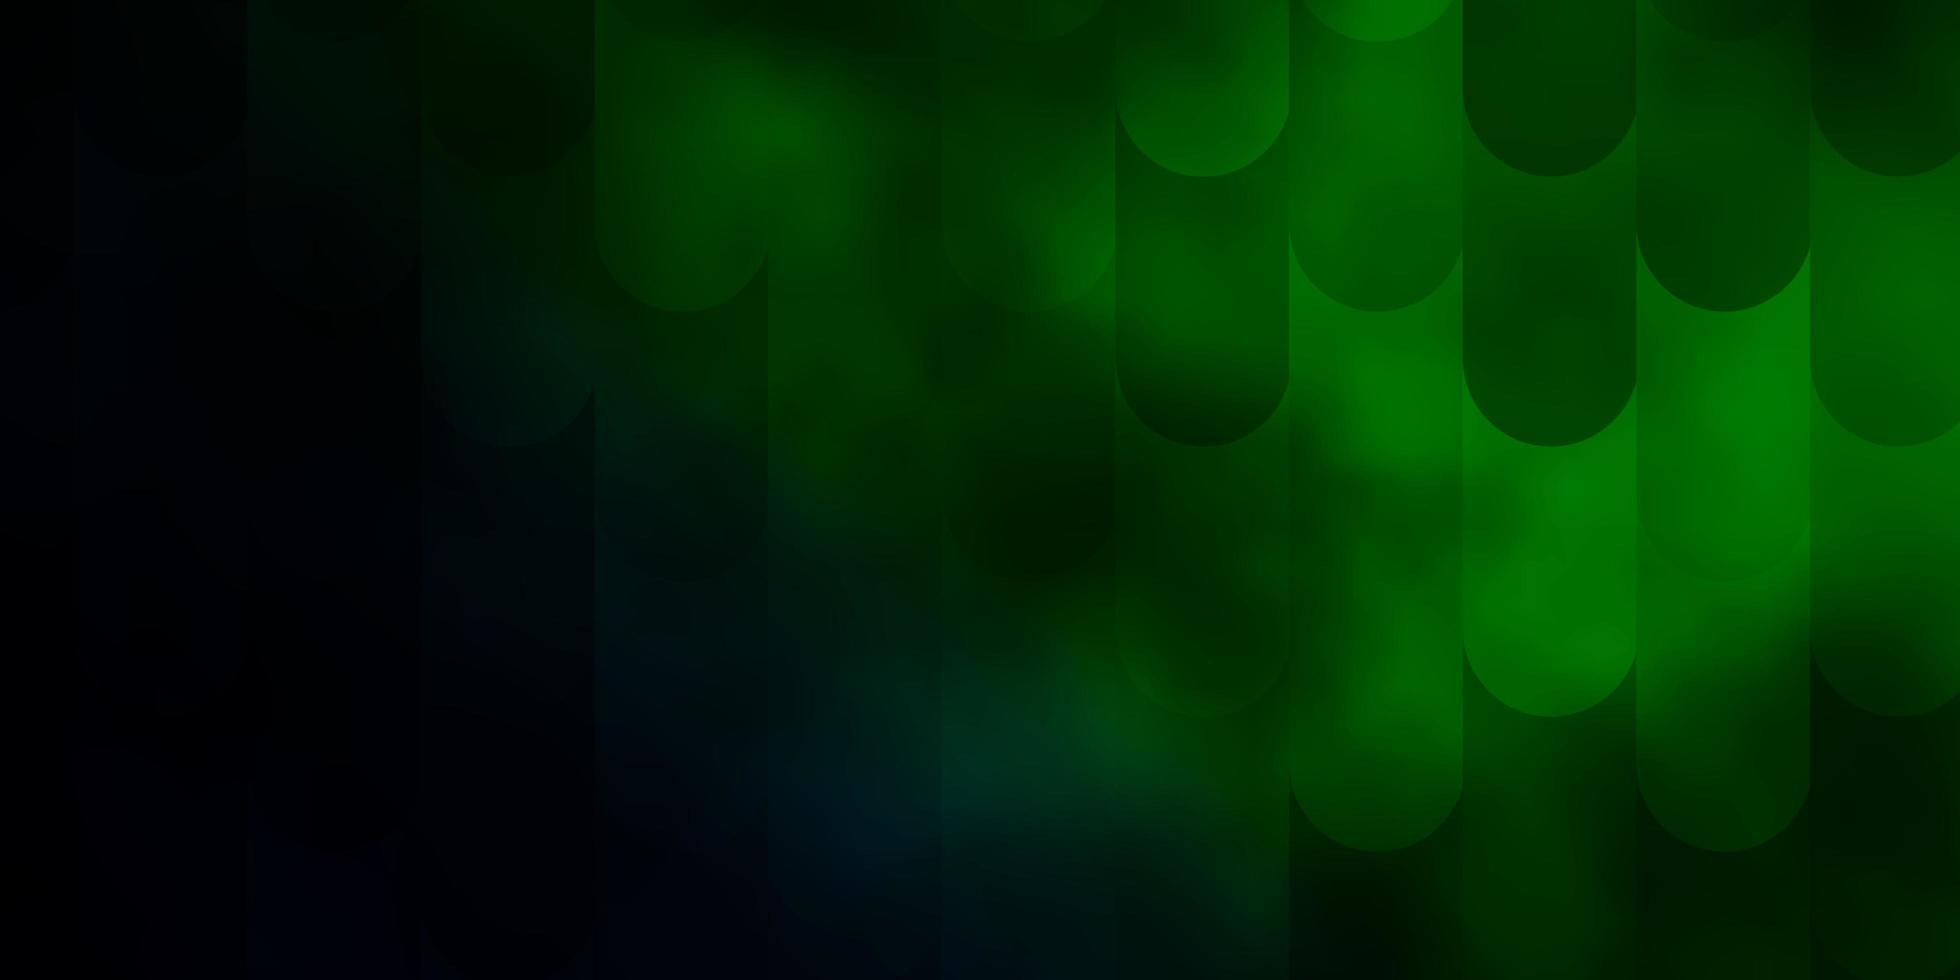 texture vecteur vert foncé avec des lignes.